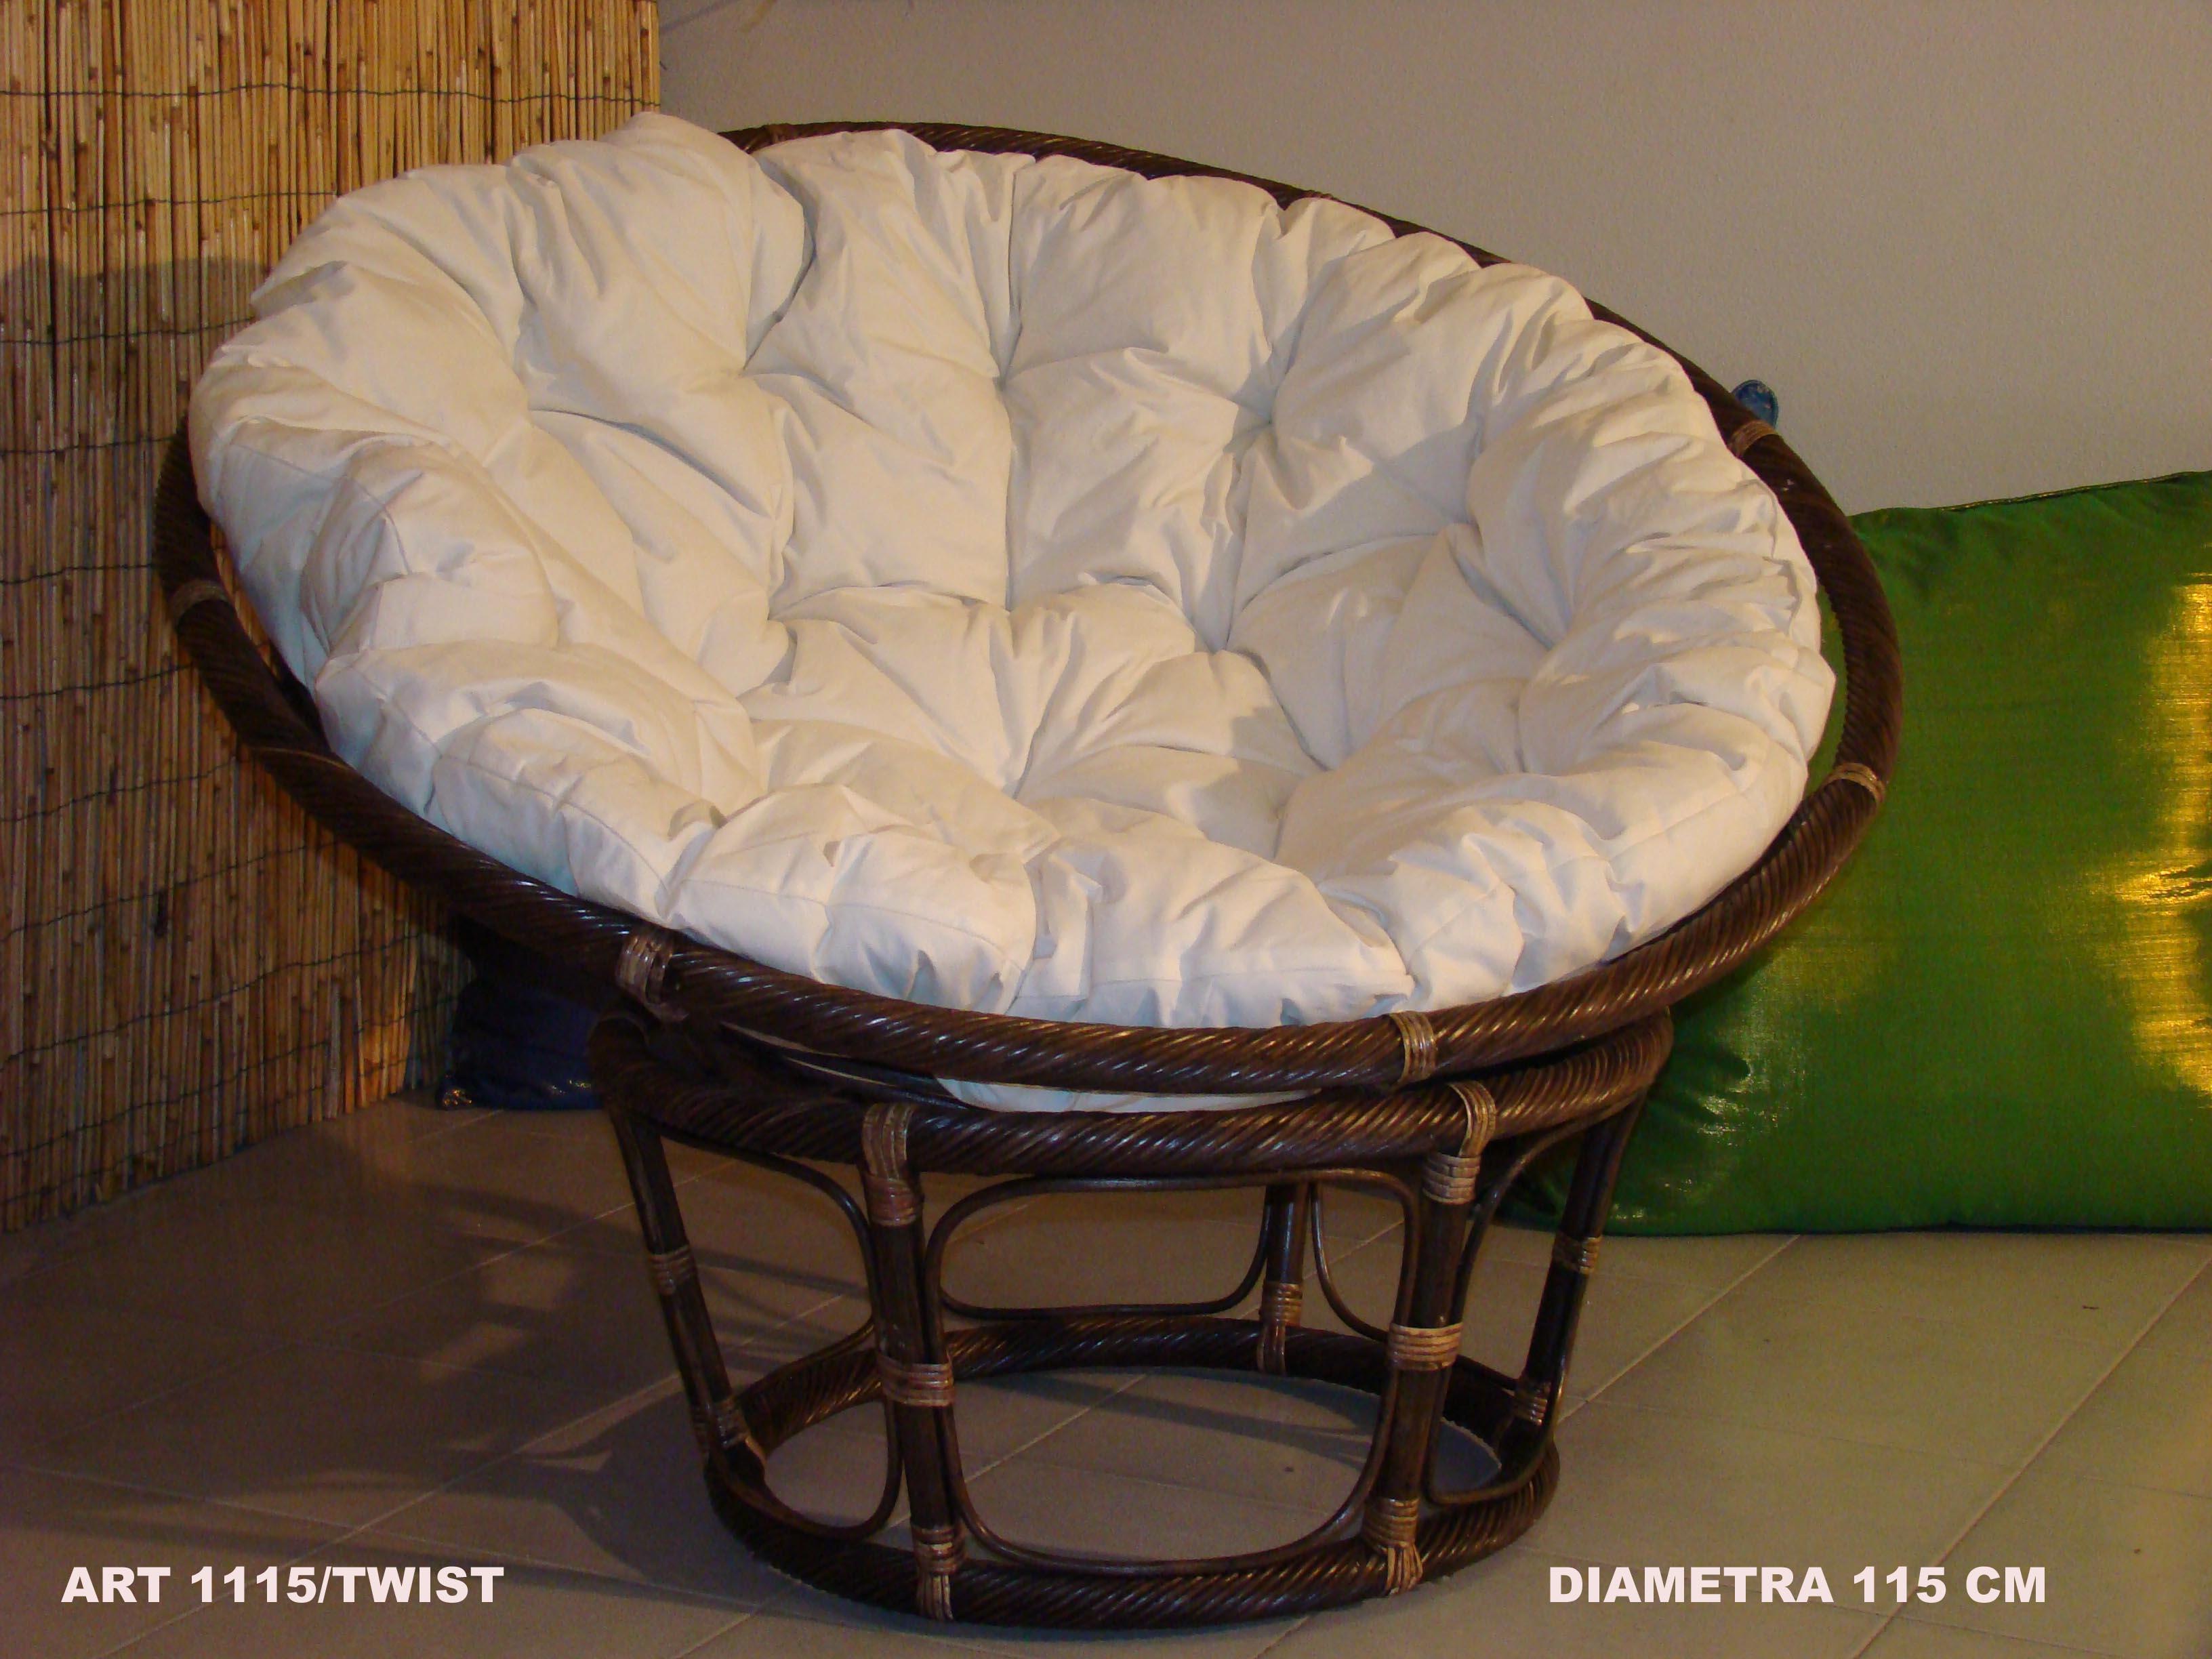 Arredamento poltrone sedie bamboo rattan giunco for Poltrone online shop